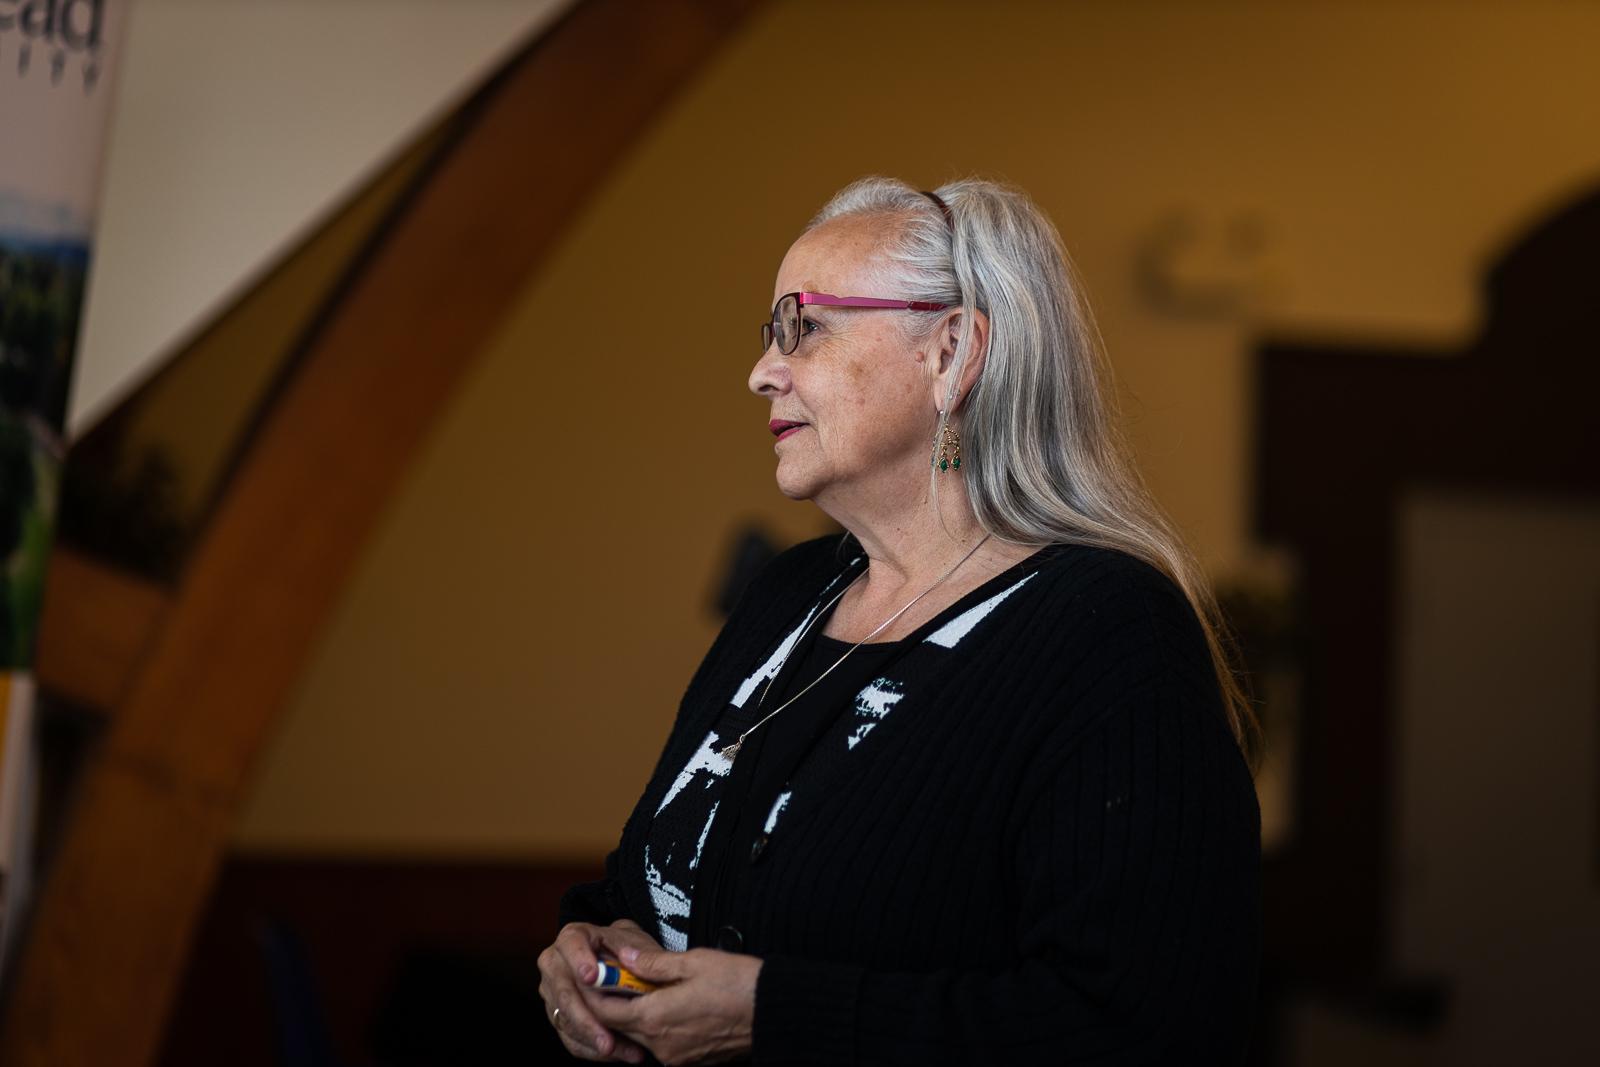 LU-Indigenous-Alumni-Speaker-Series-blog-38.jpg